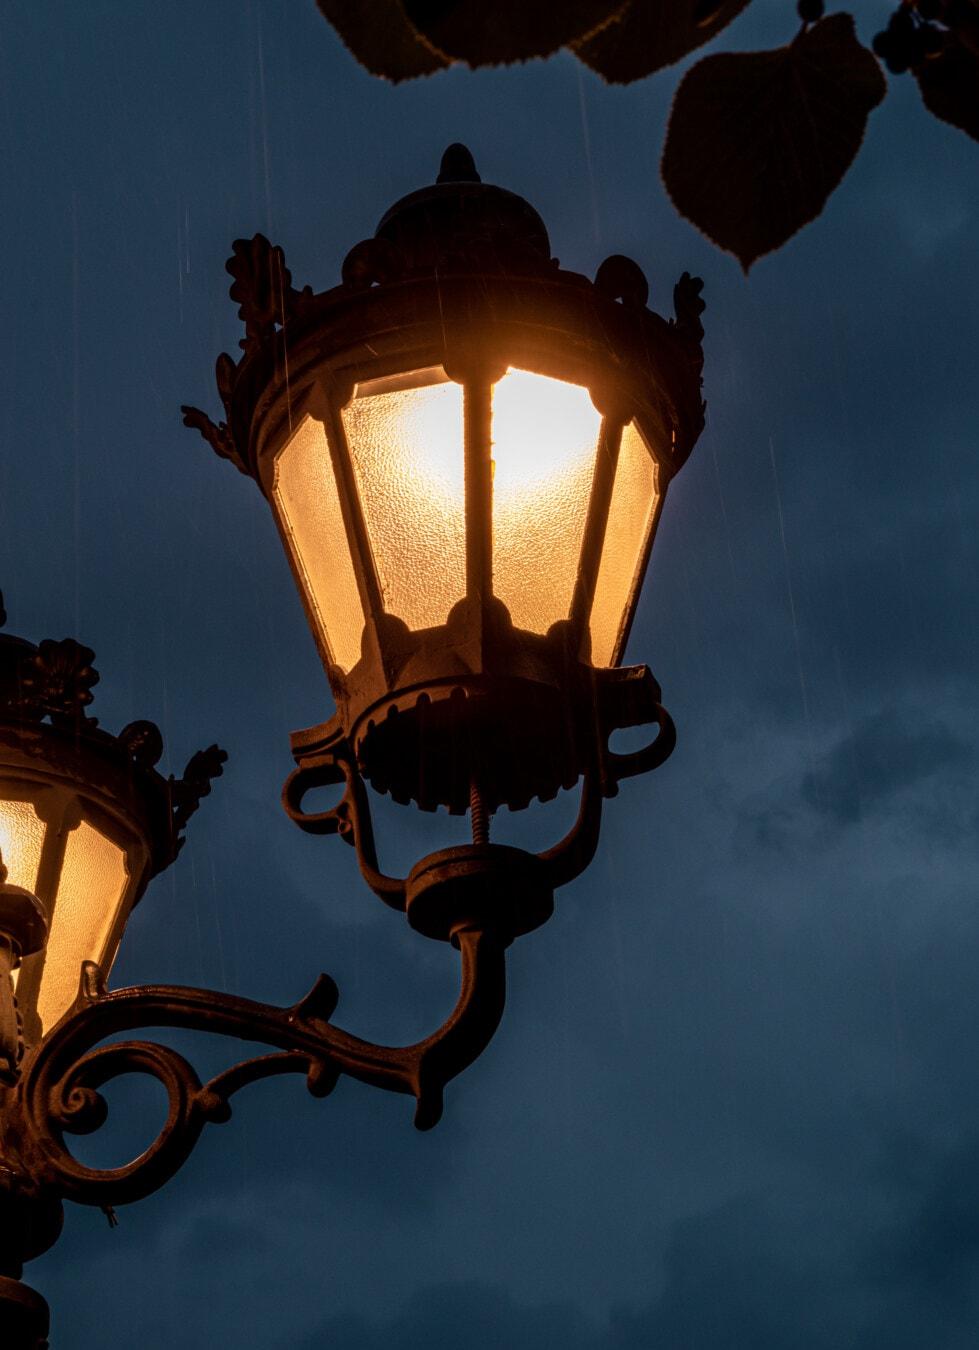 lampe, illumination, pluie, nuit, rue, architecture, lanterne, unité, lumière, vieux